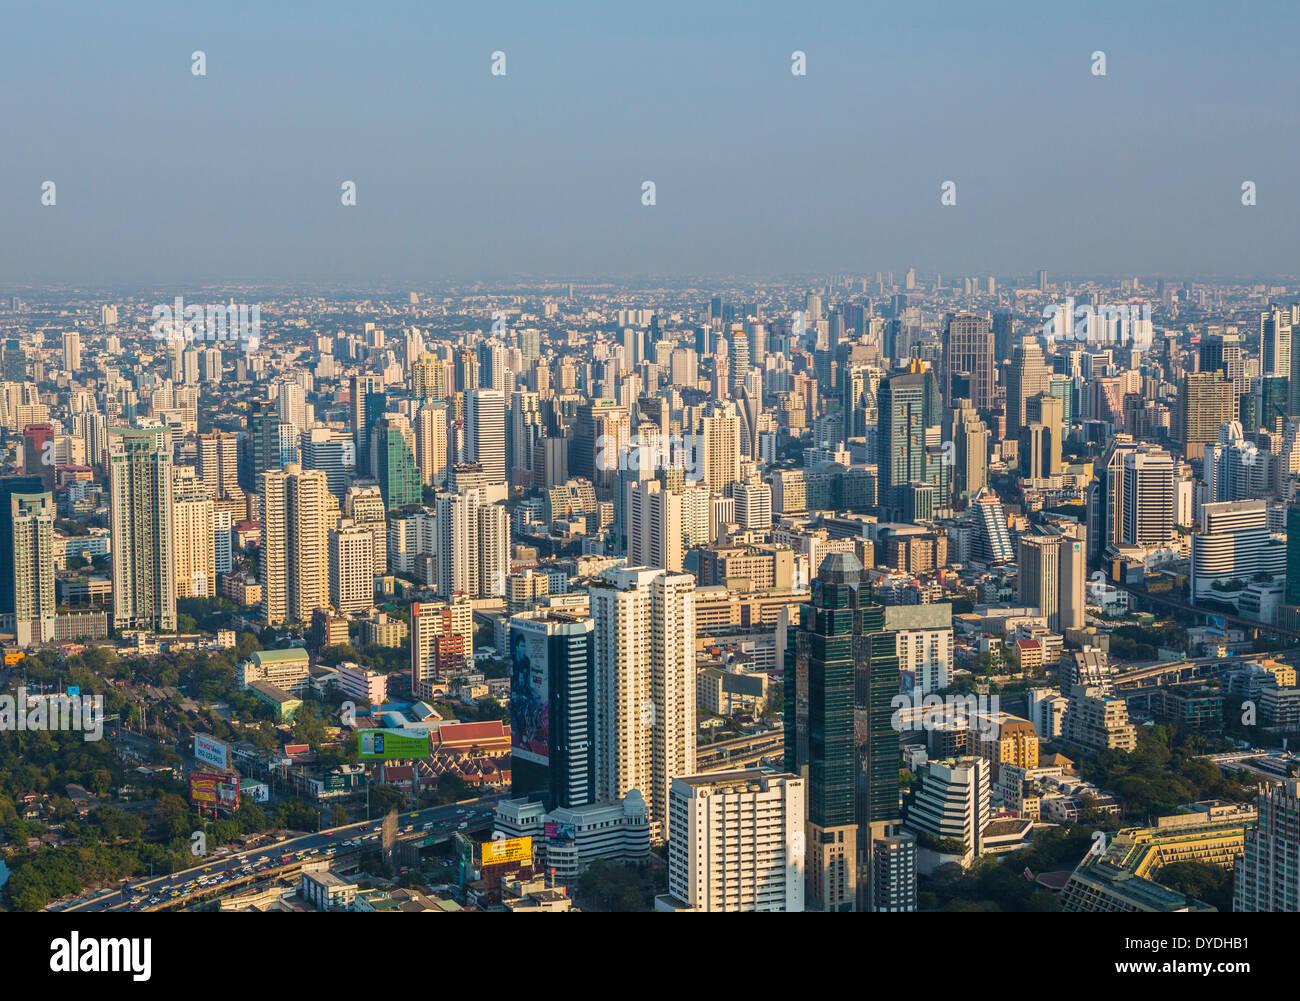 Arquitectura, centro de la ciudad, Golden, domos, Metropolis, panorama, rascacielos, rascacielos, puesta de sol, viajes, amplia, edificios, Imagen De Stock